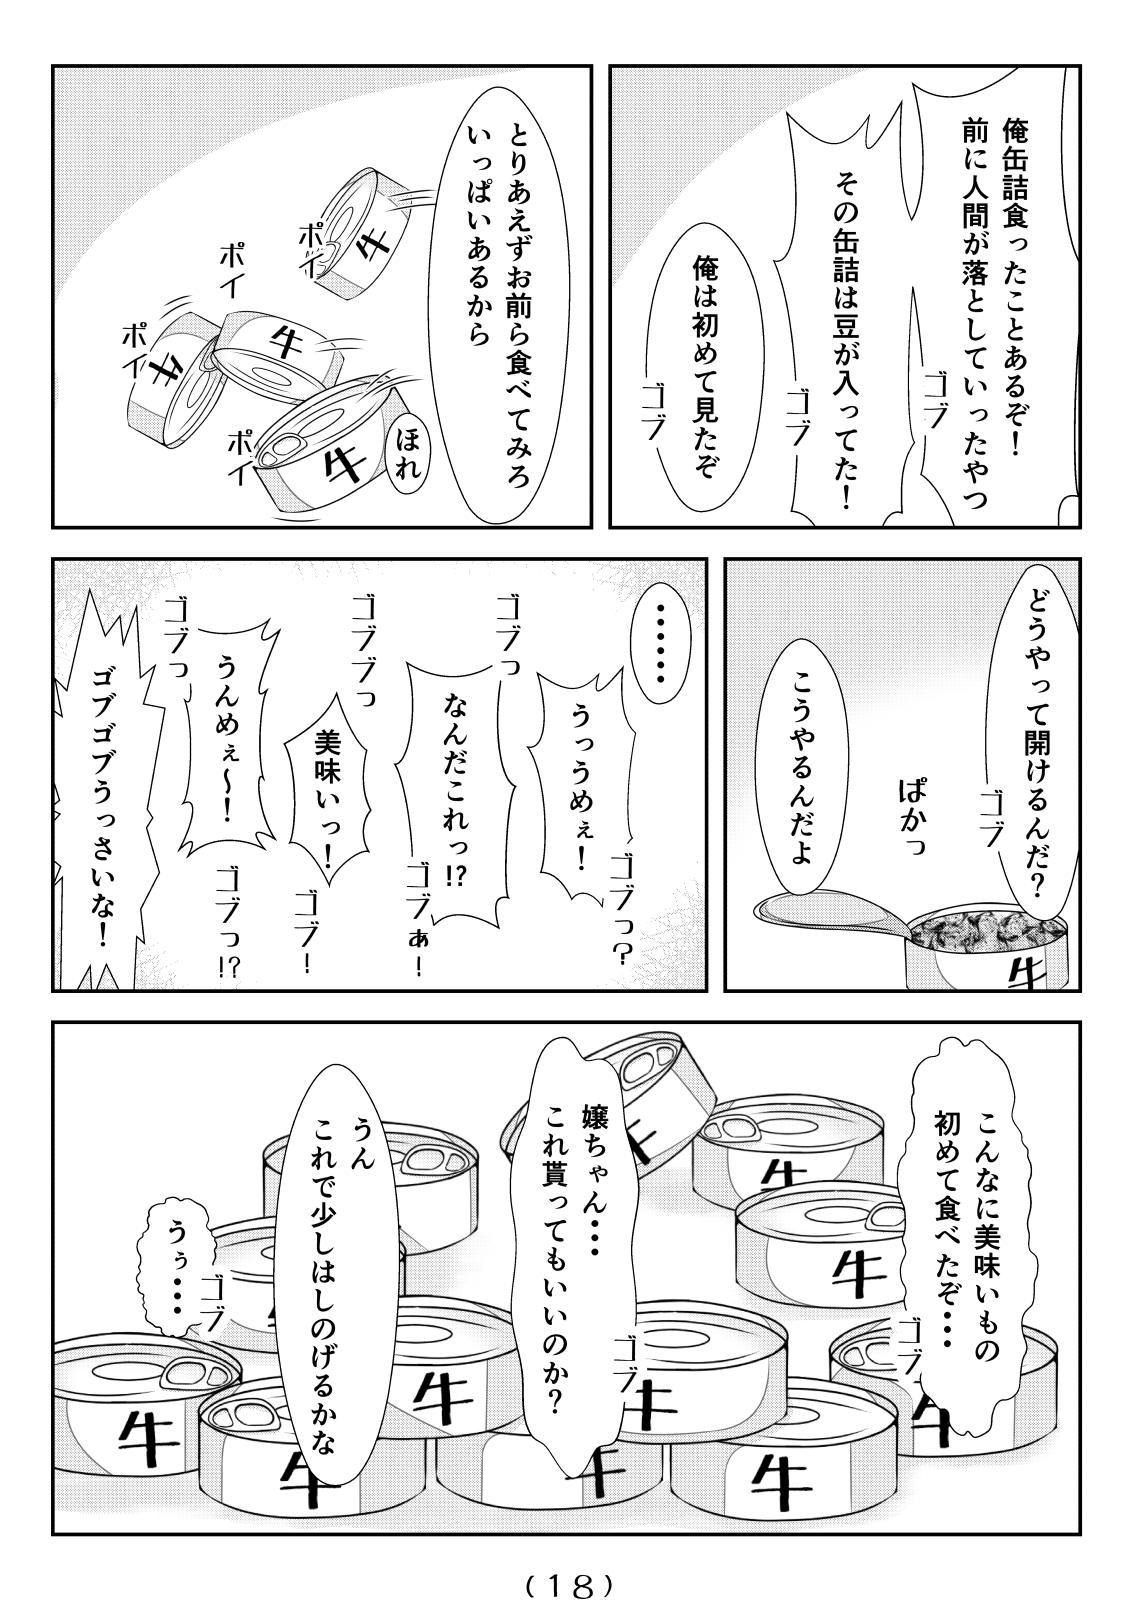 Nyotaika Cheat ga Isekai demo Souzou Ijou ni Bannou Sugita Sono 5 18